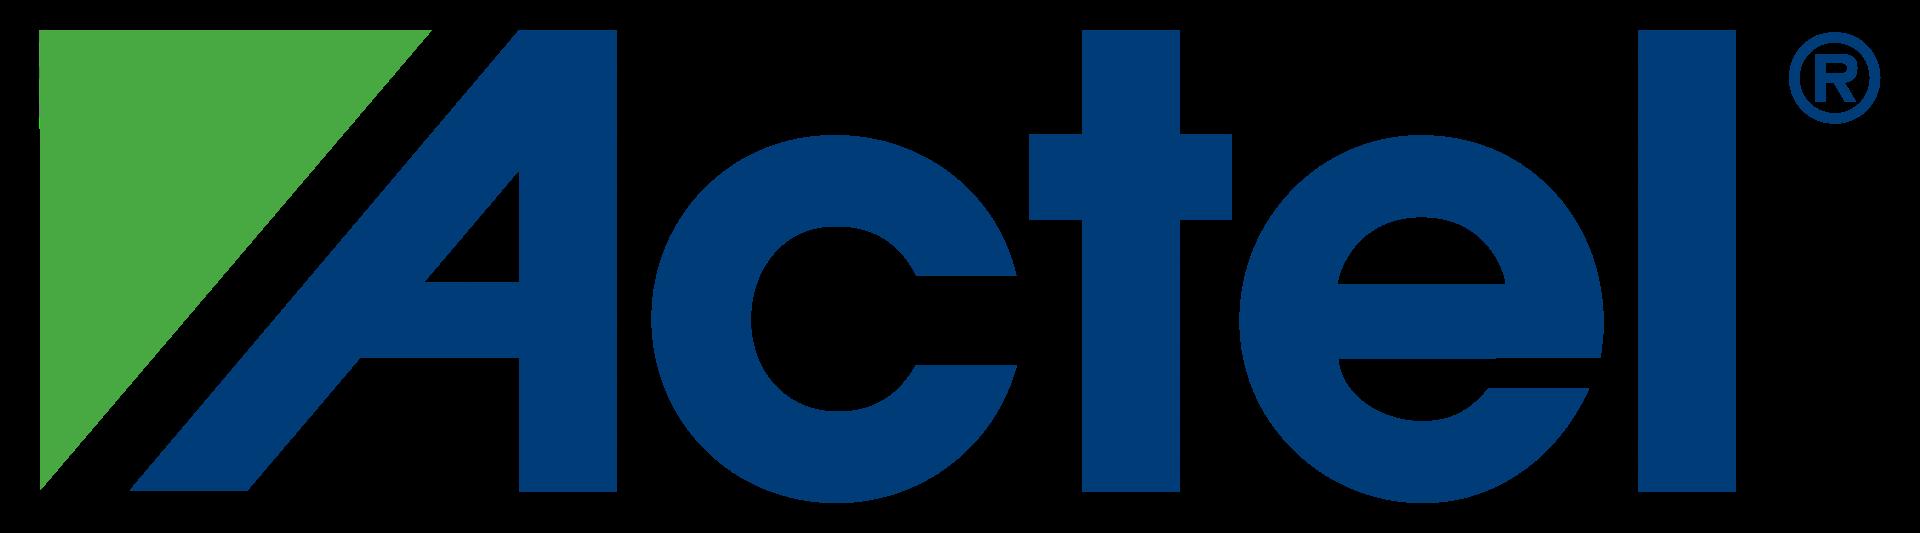 Actel (Microchip)